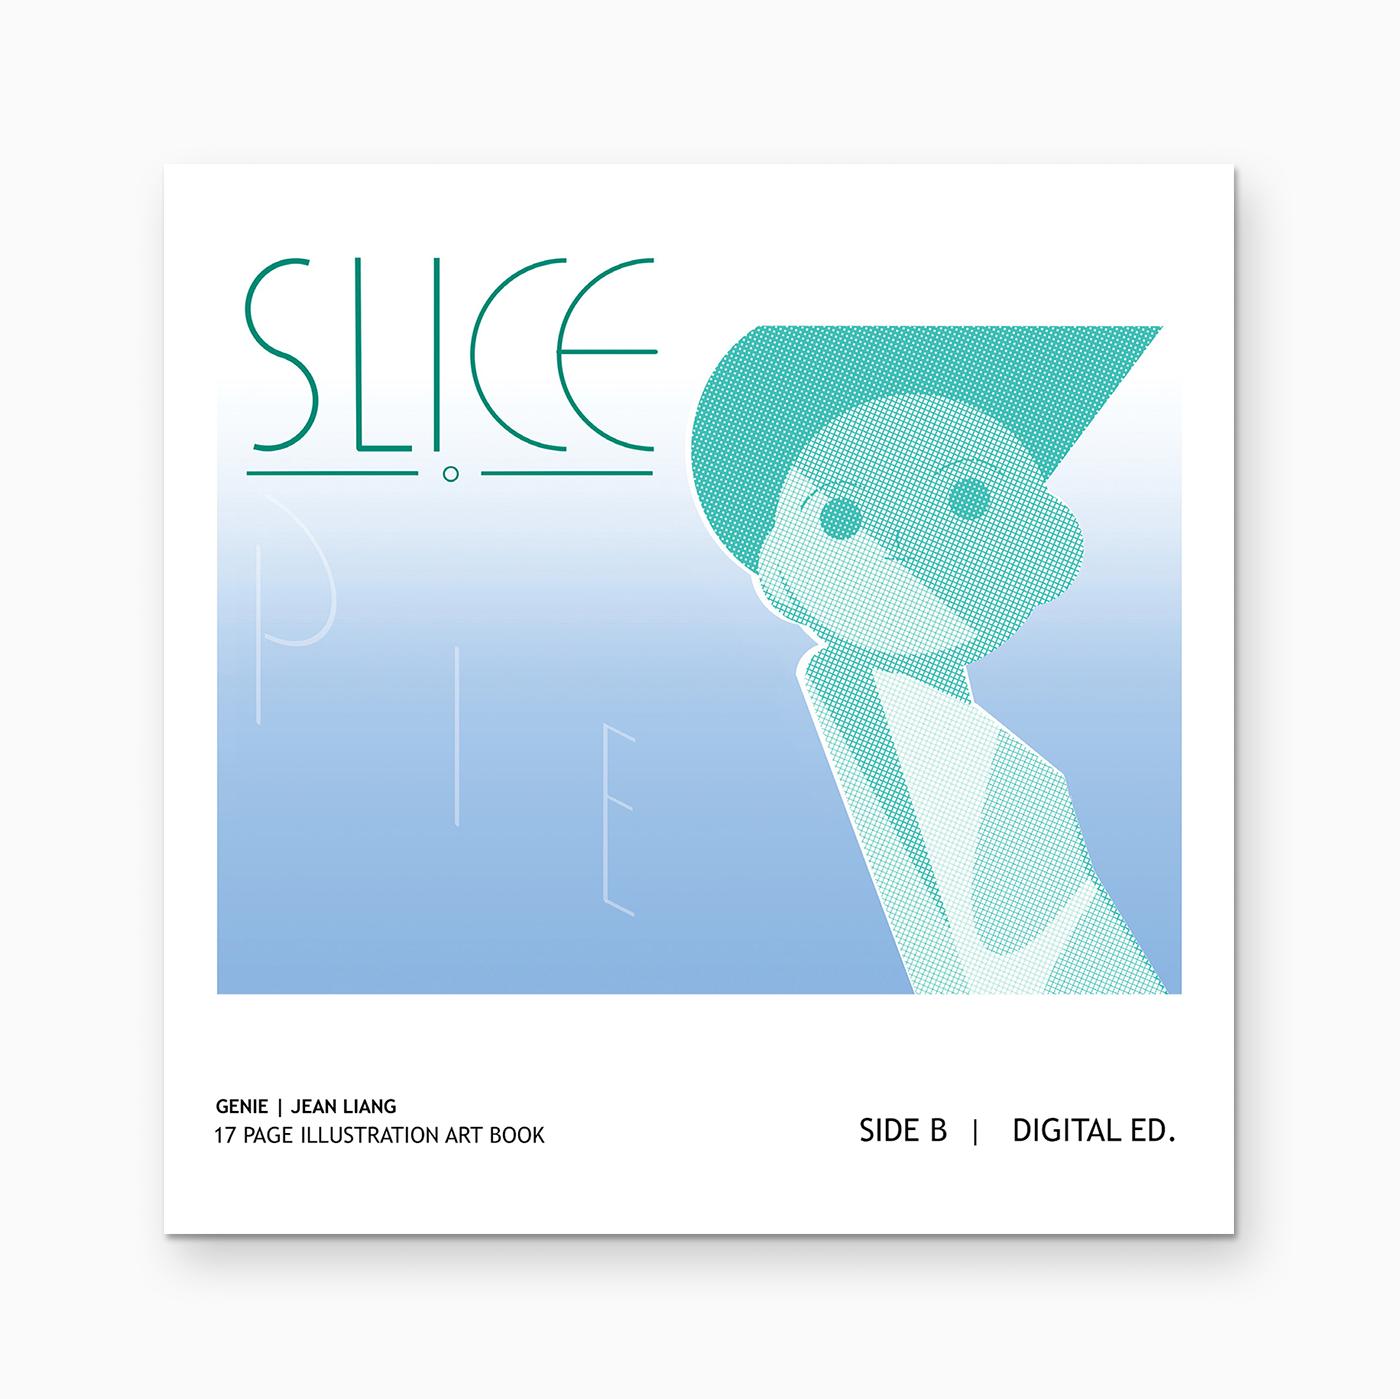 SLICE_B_insides_0000_cover-1_exterior.jpg